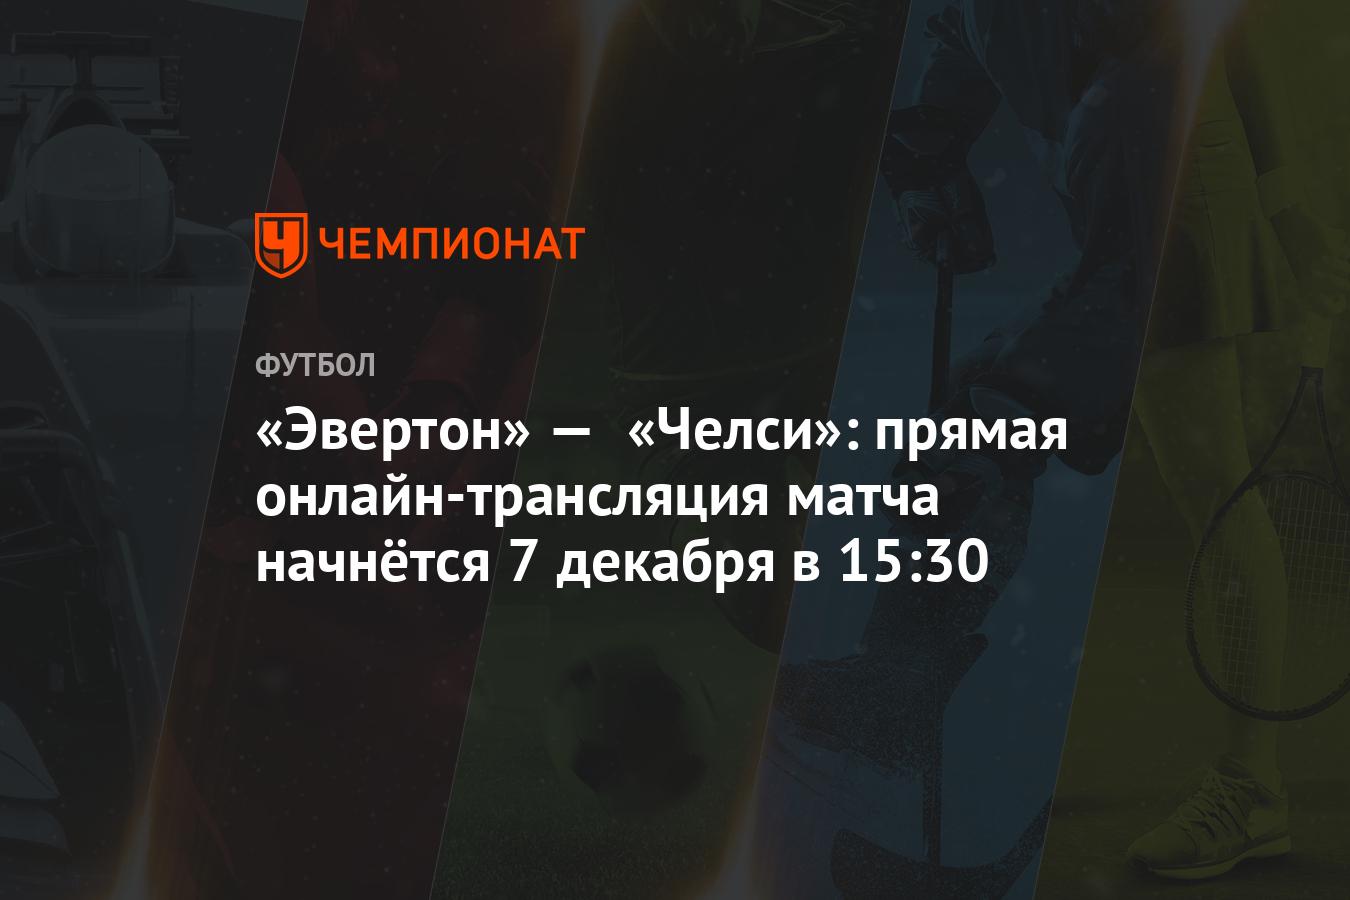 Челси эвертон прямая трансляция на русском